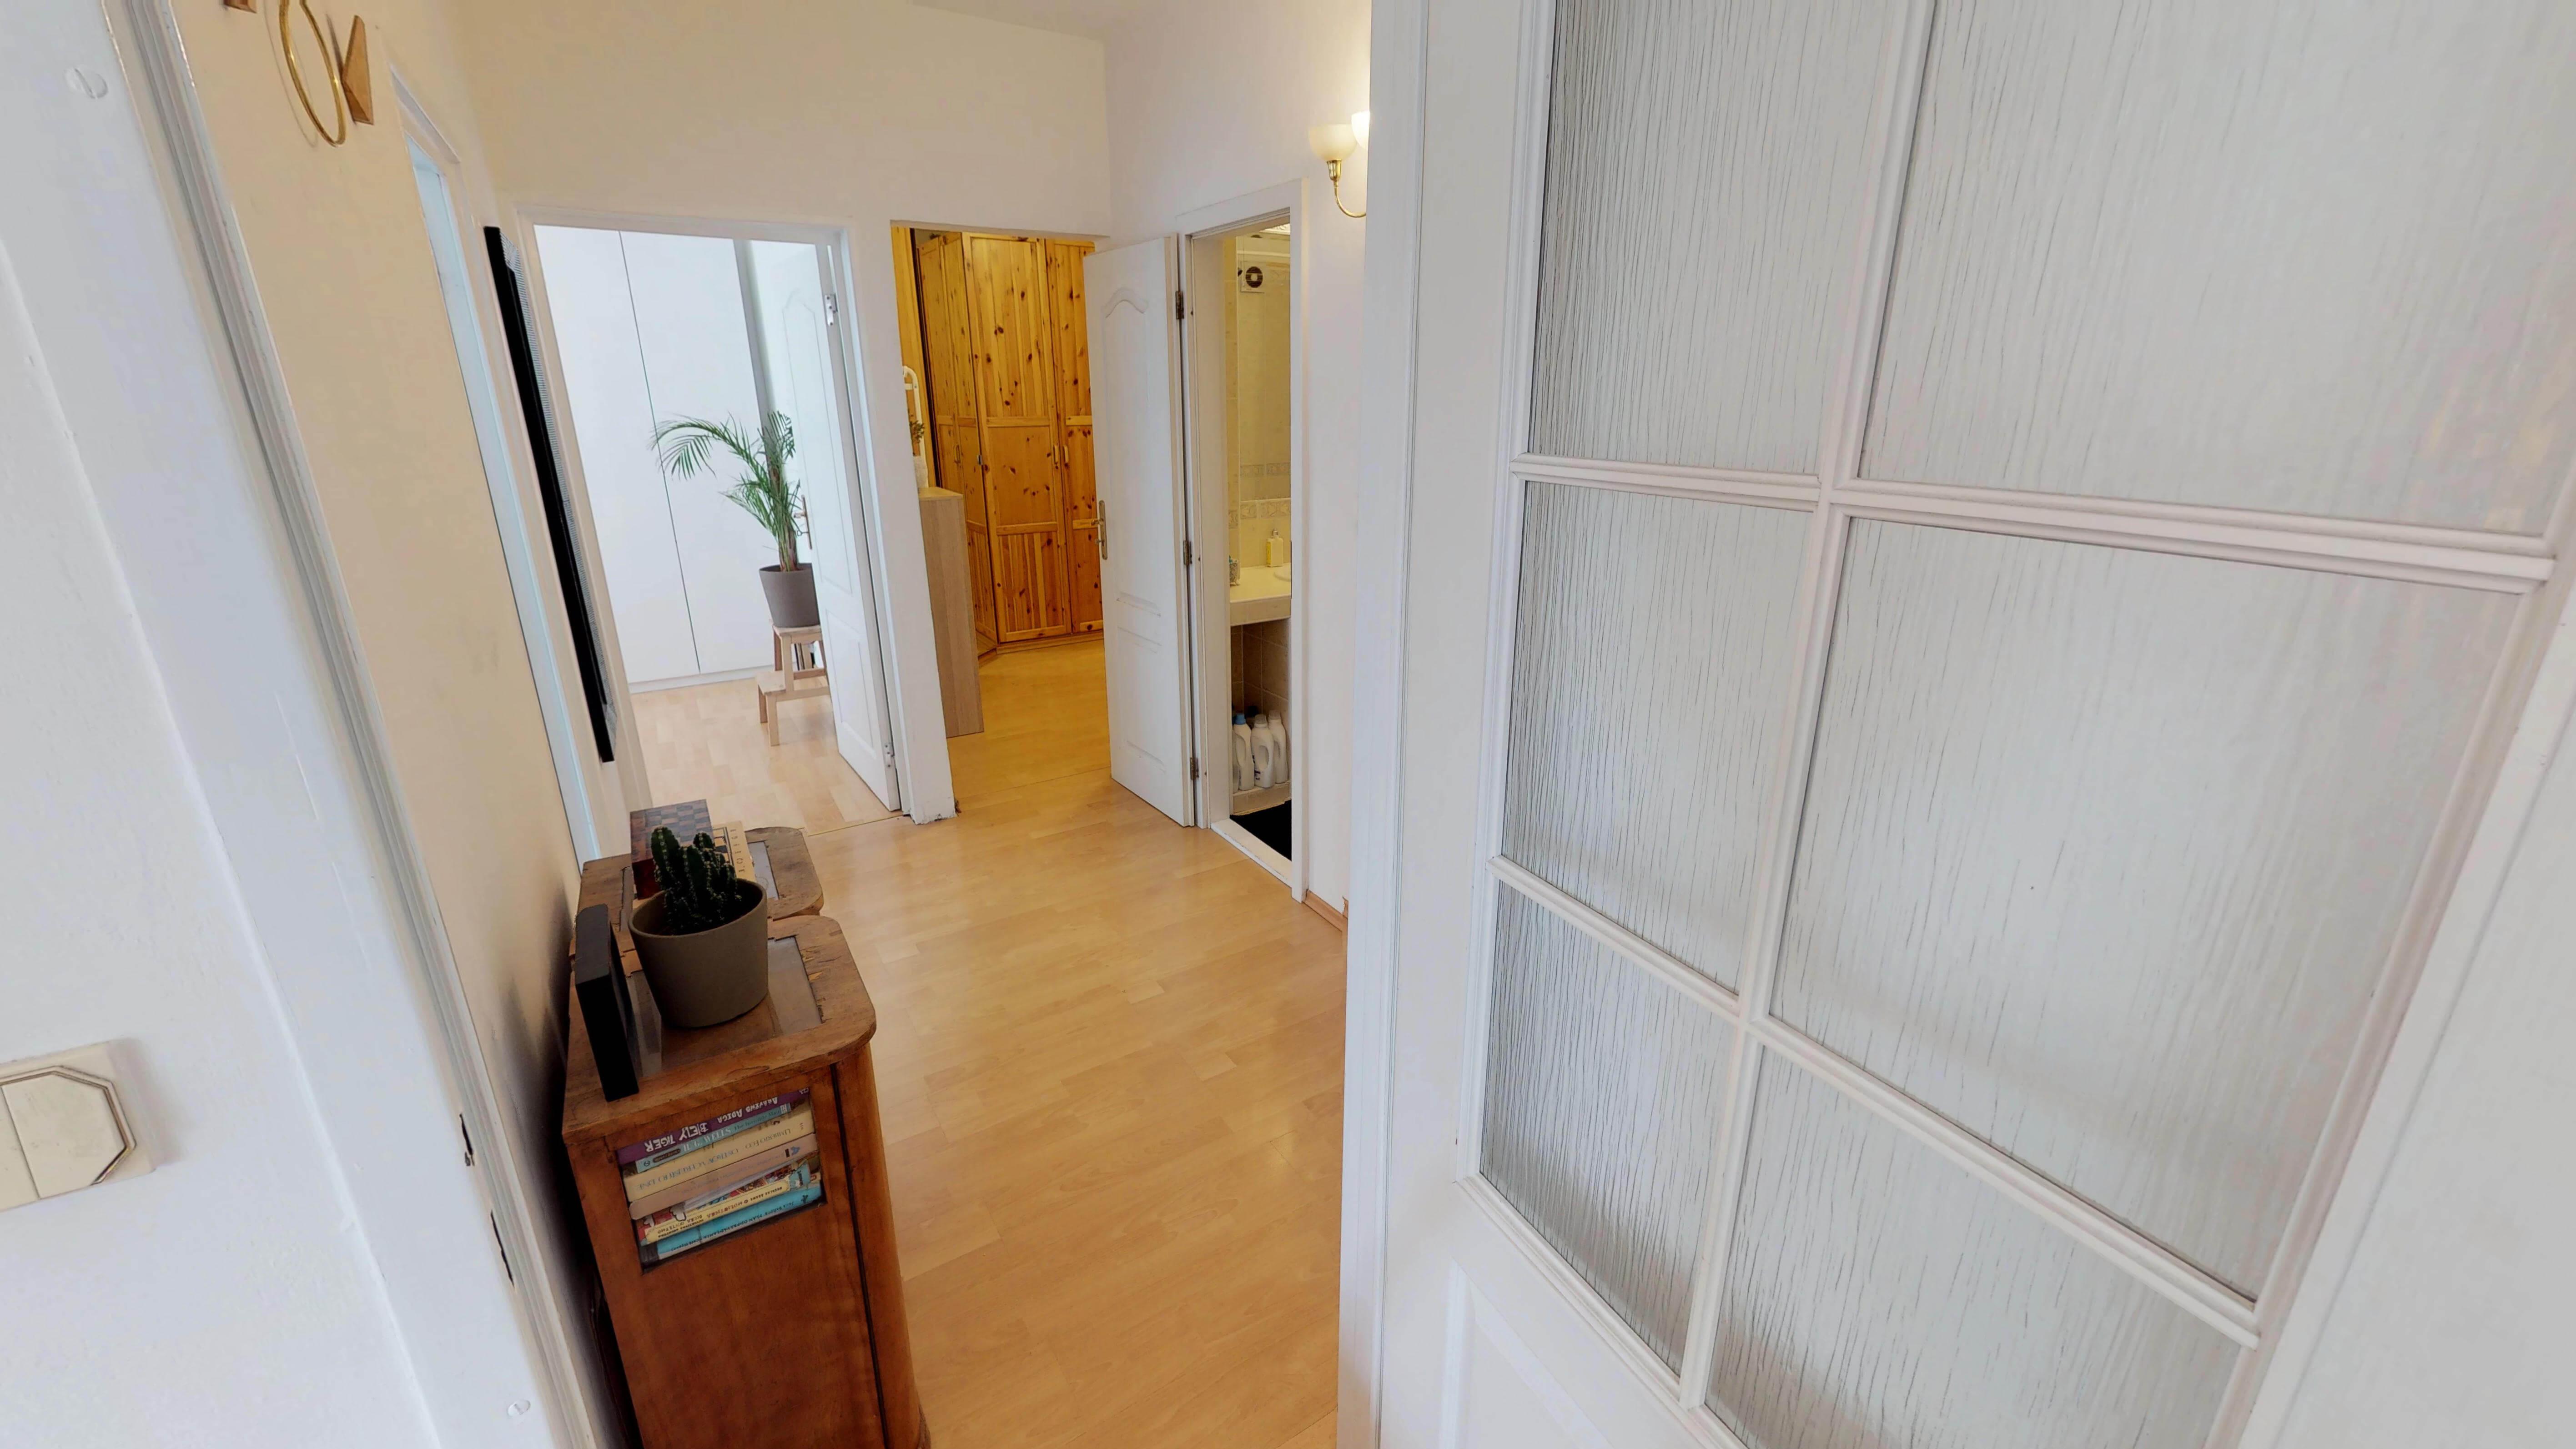 Predané Predaj exkluzívneho 3 izb. bytu,v Ružinove, ulica Palkovičová, blízko Trhoviska Miletičky v Bratislave, 68m2, kompletne zariadený-15